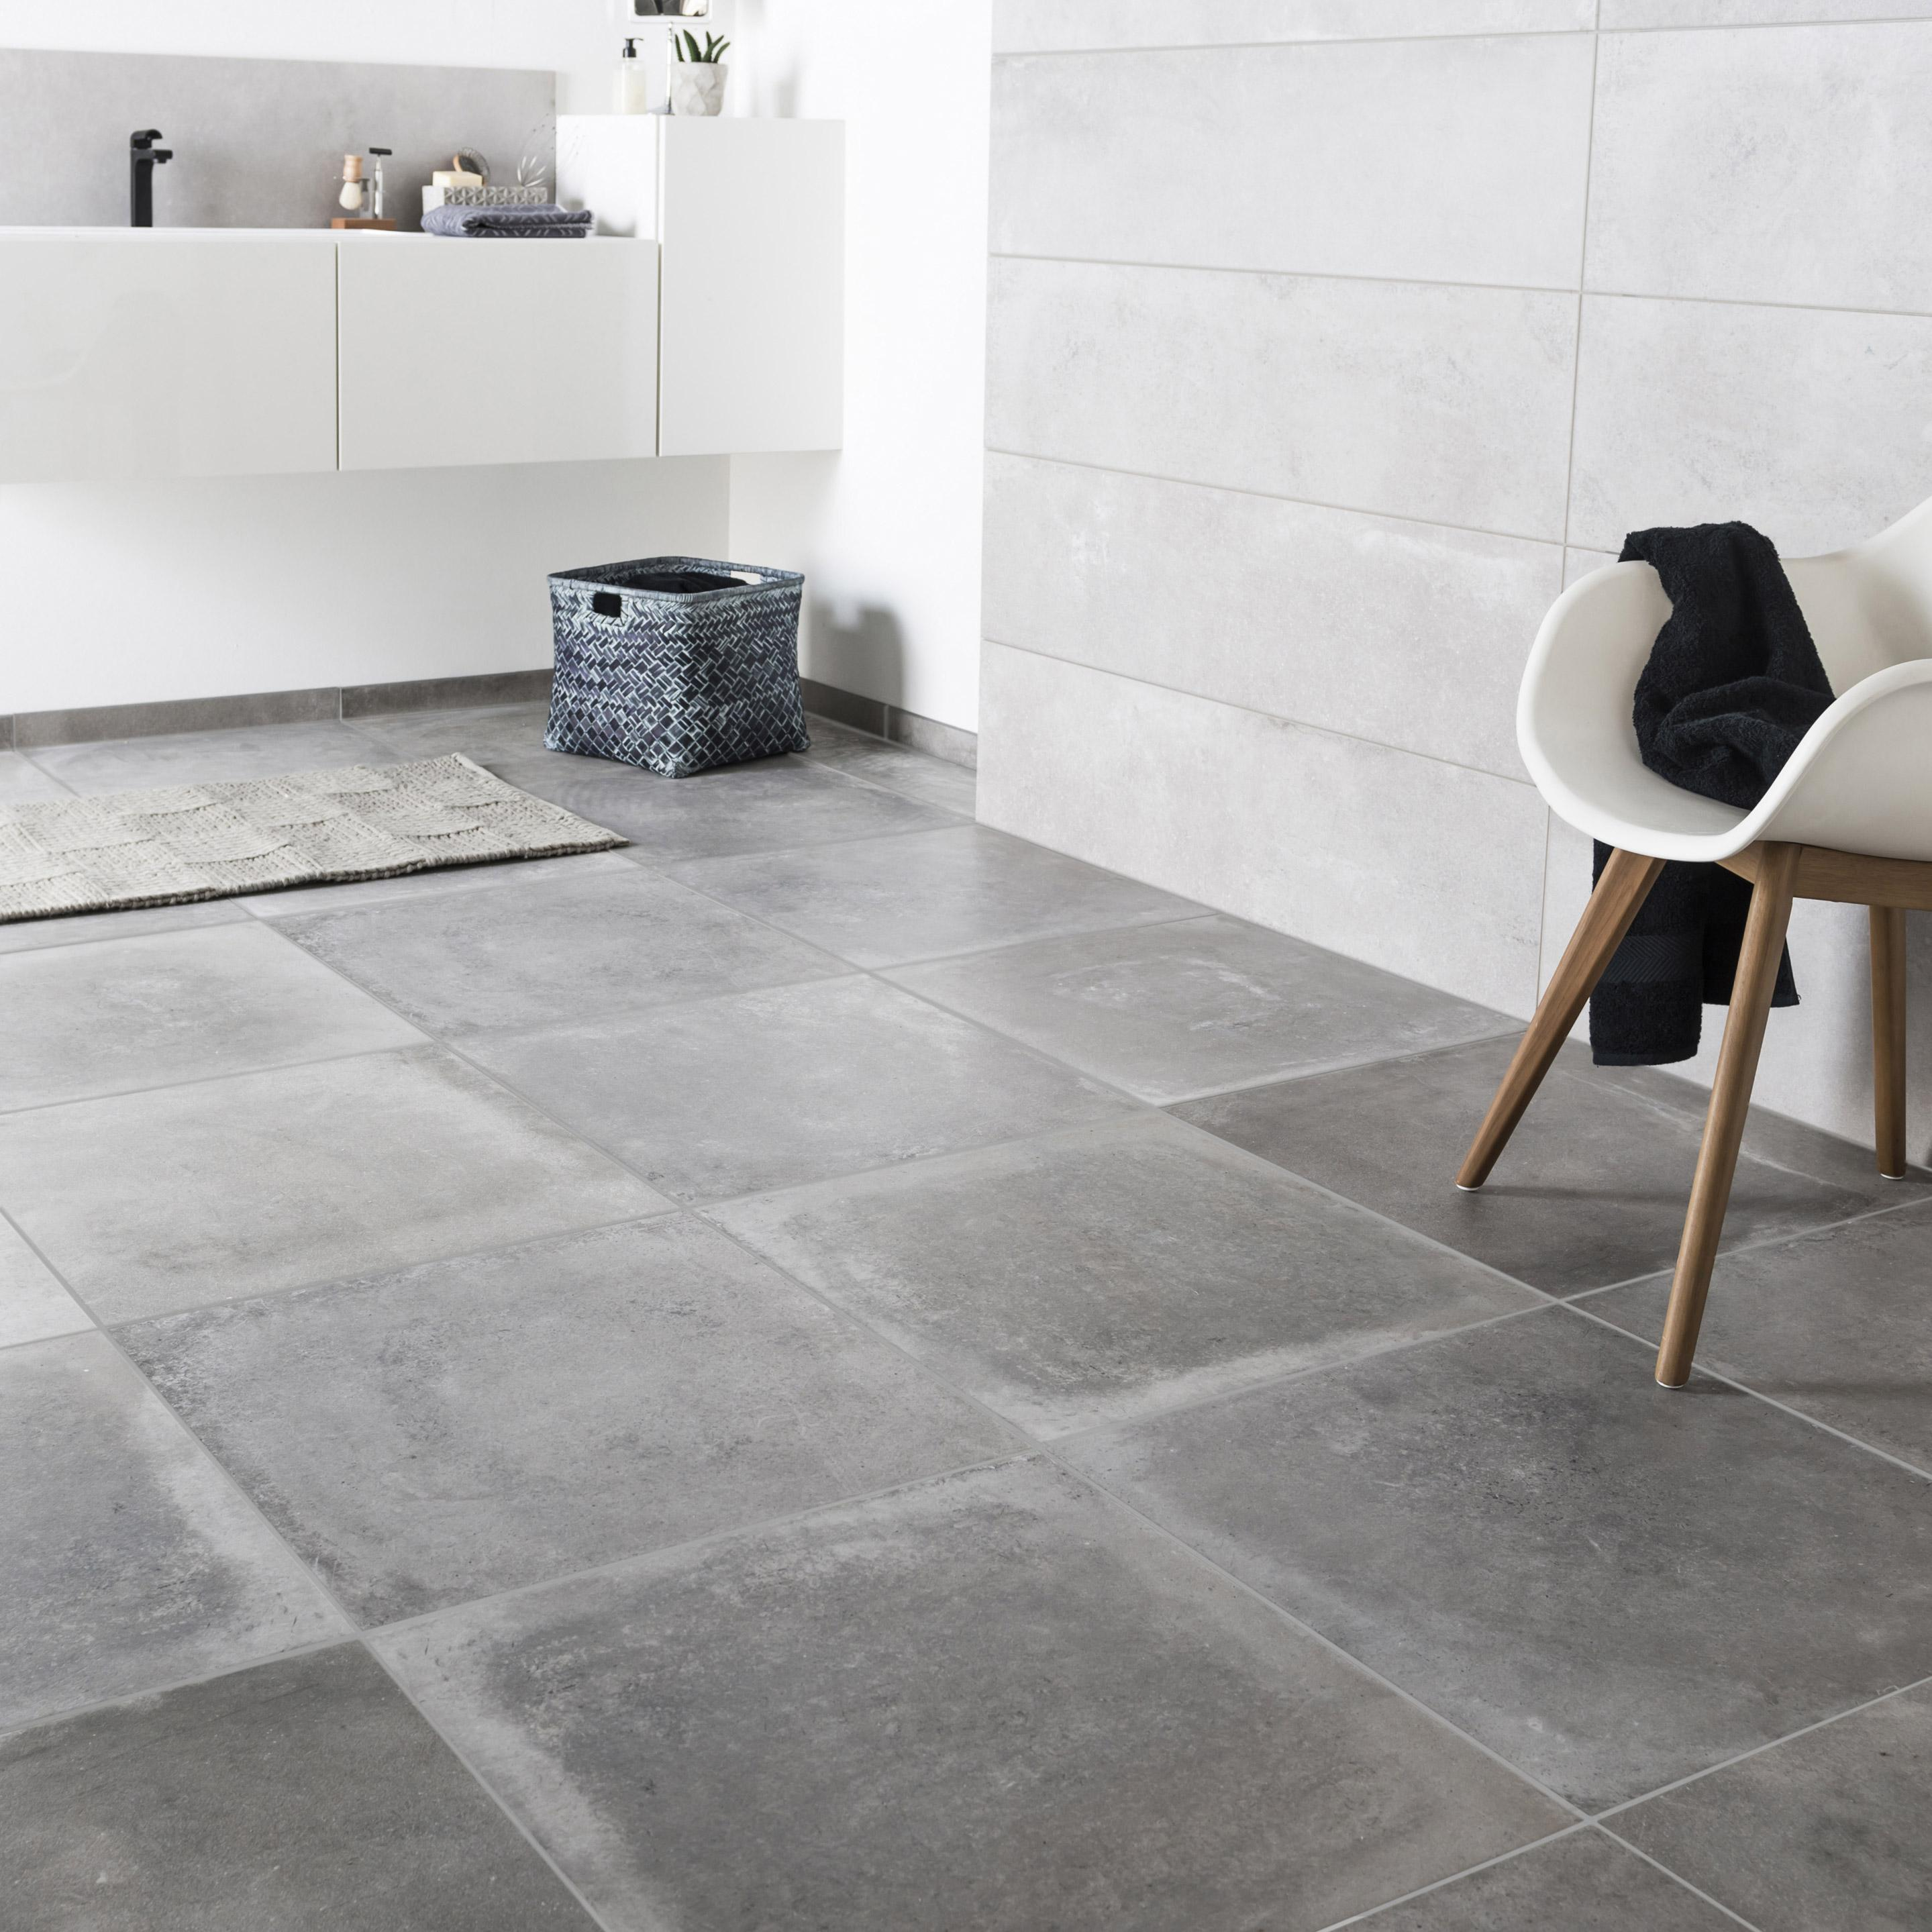 Mur Couleur Gris Beton carrelage sol et mur intenso effet béton gris cendre harlem l.60 x l.60cm  ariana